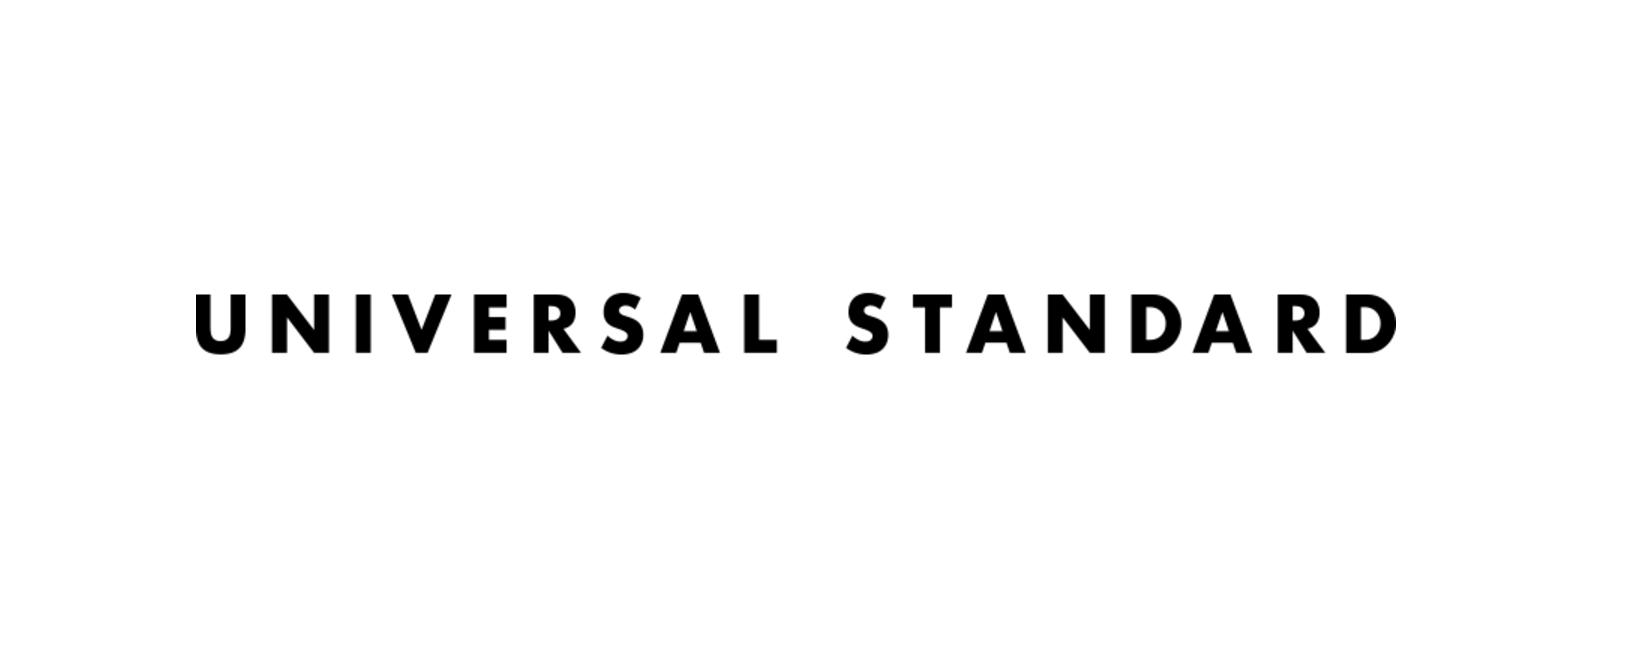 Universal Standard Discount Code 2021